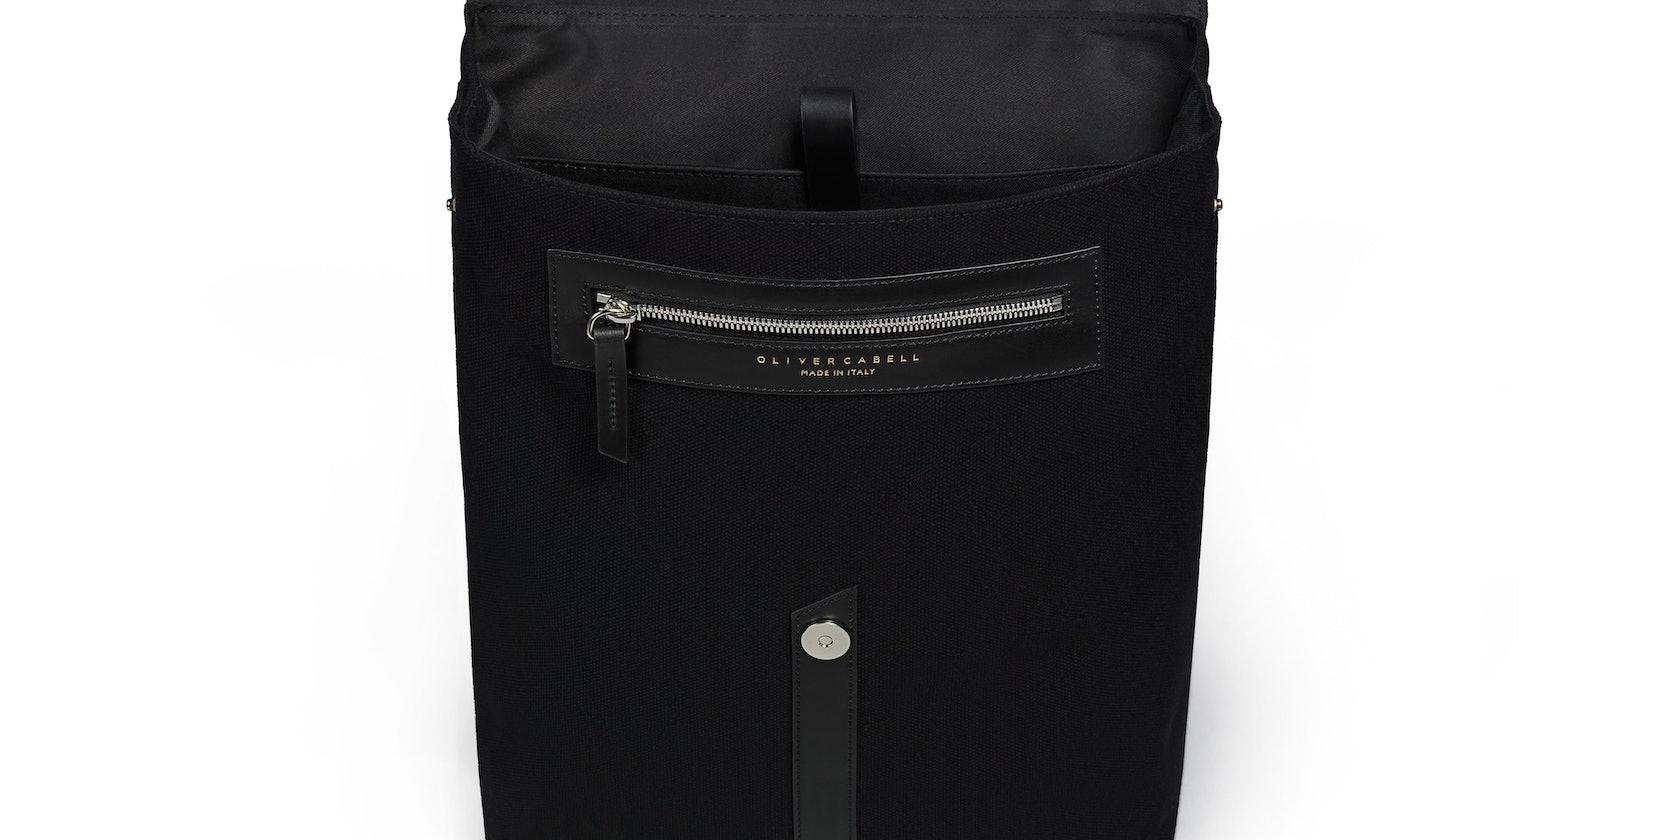 Design Details for Logan Backpack